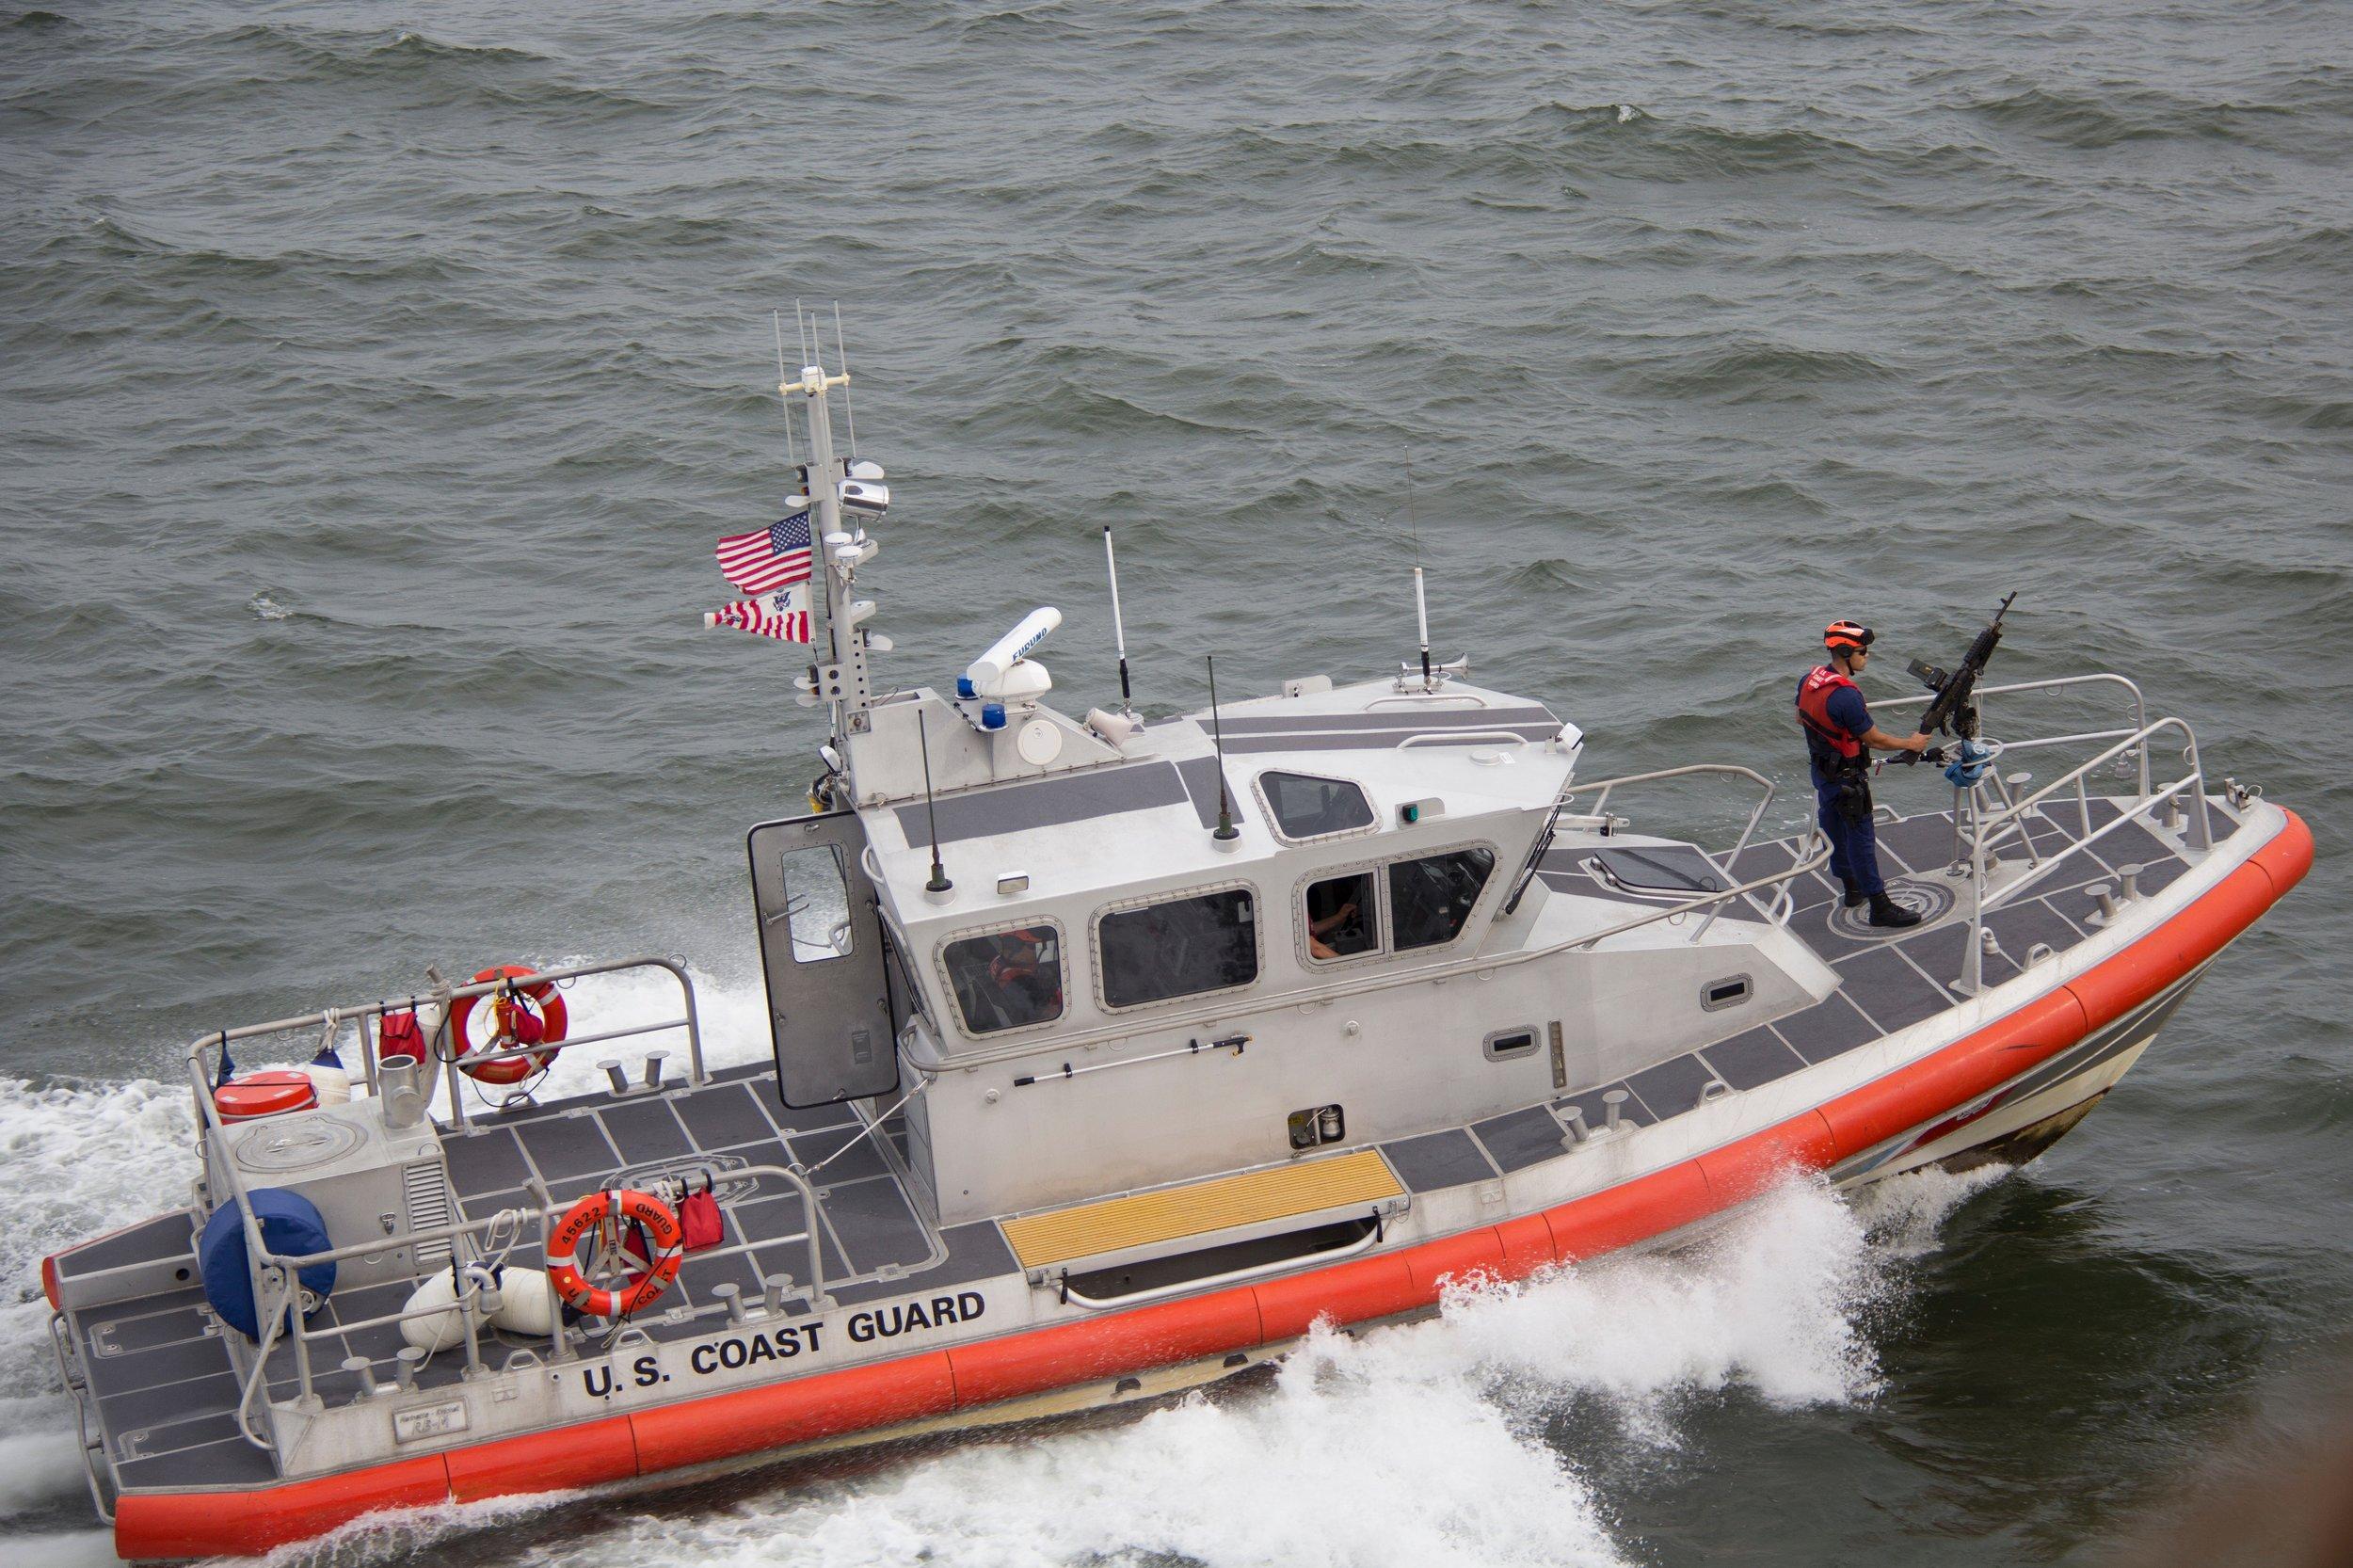 boat-coast-guard-motor-boat-67717.jpg